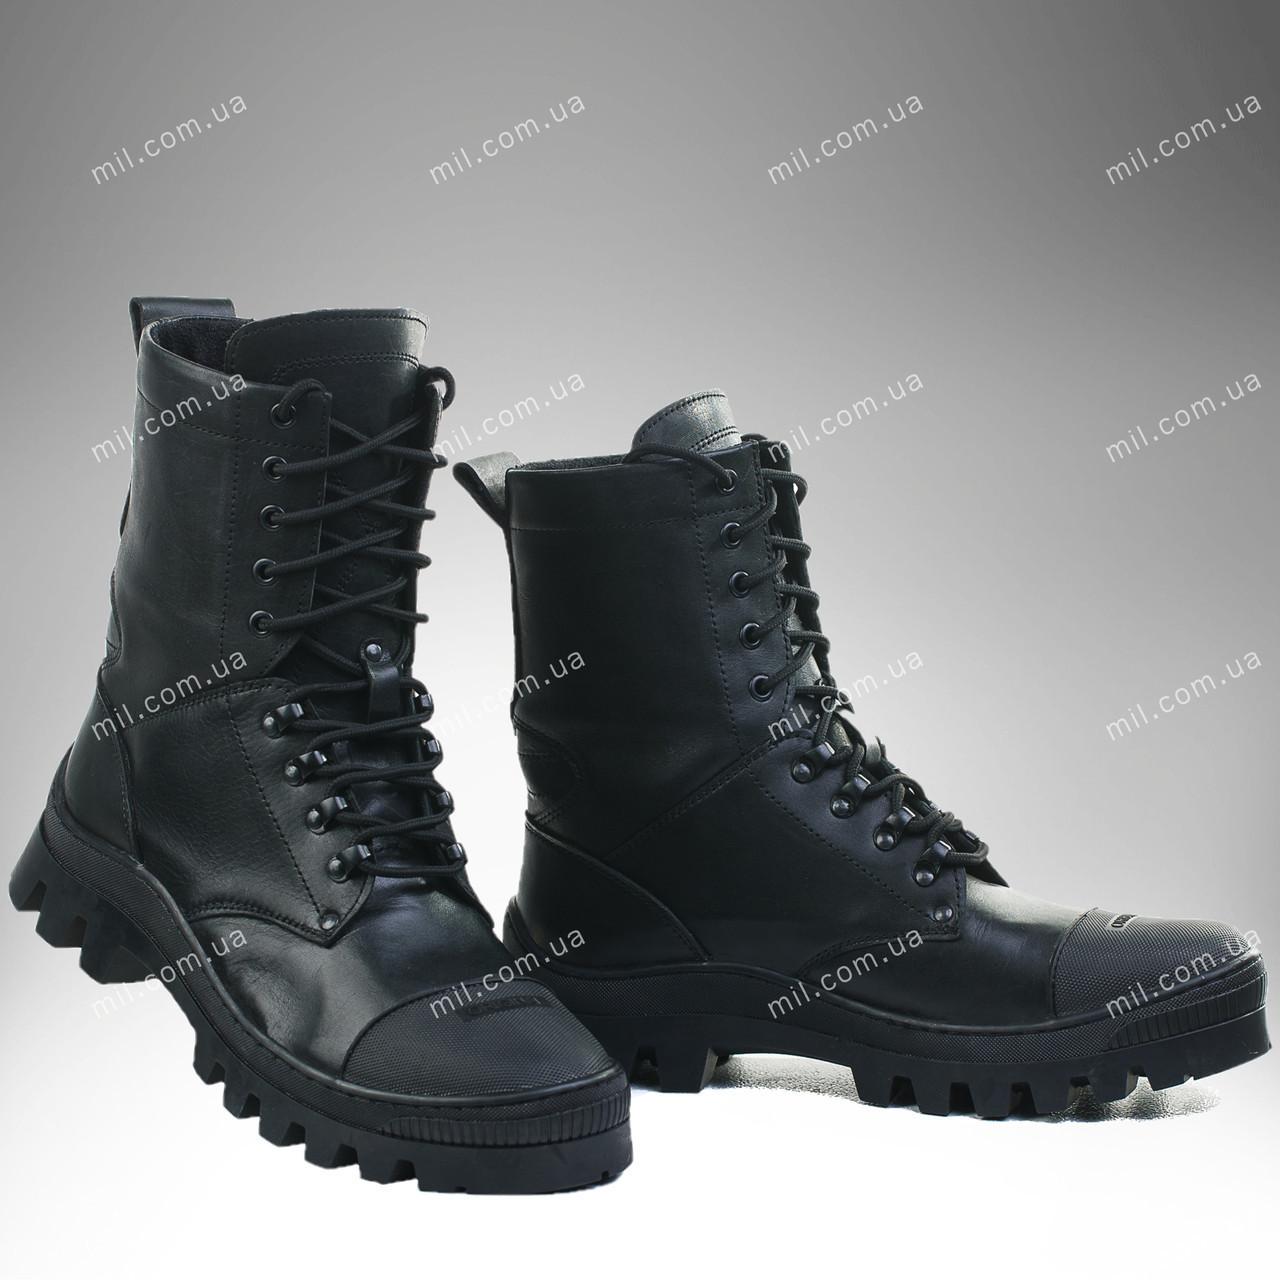 Берцы демисезонные / военная, армейская обувь БАСТИОН I (black)